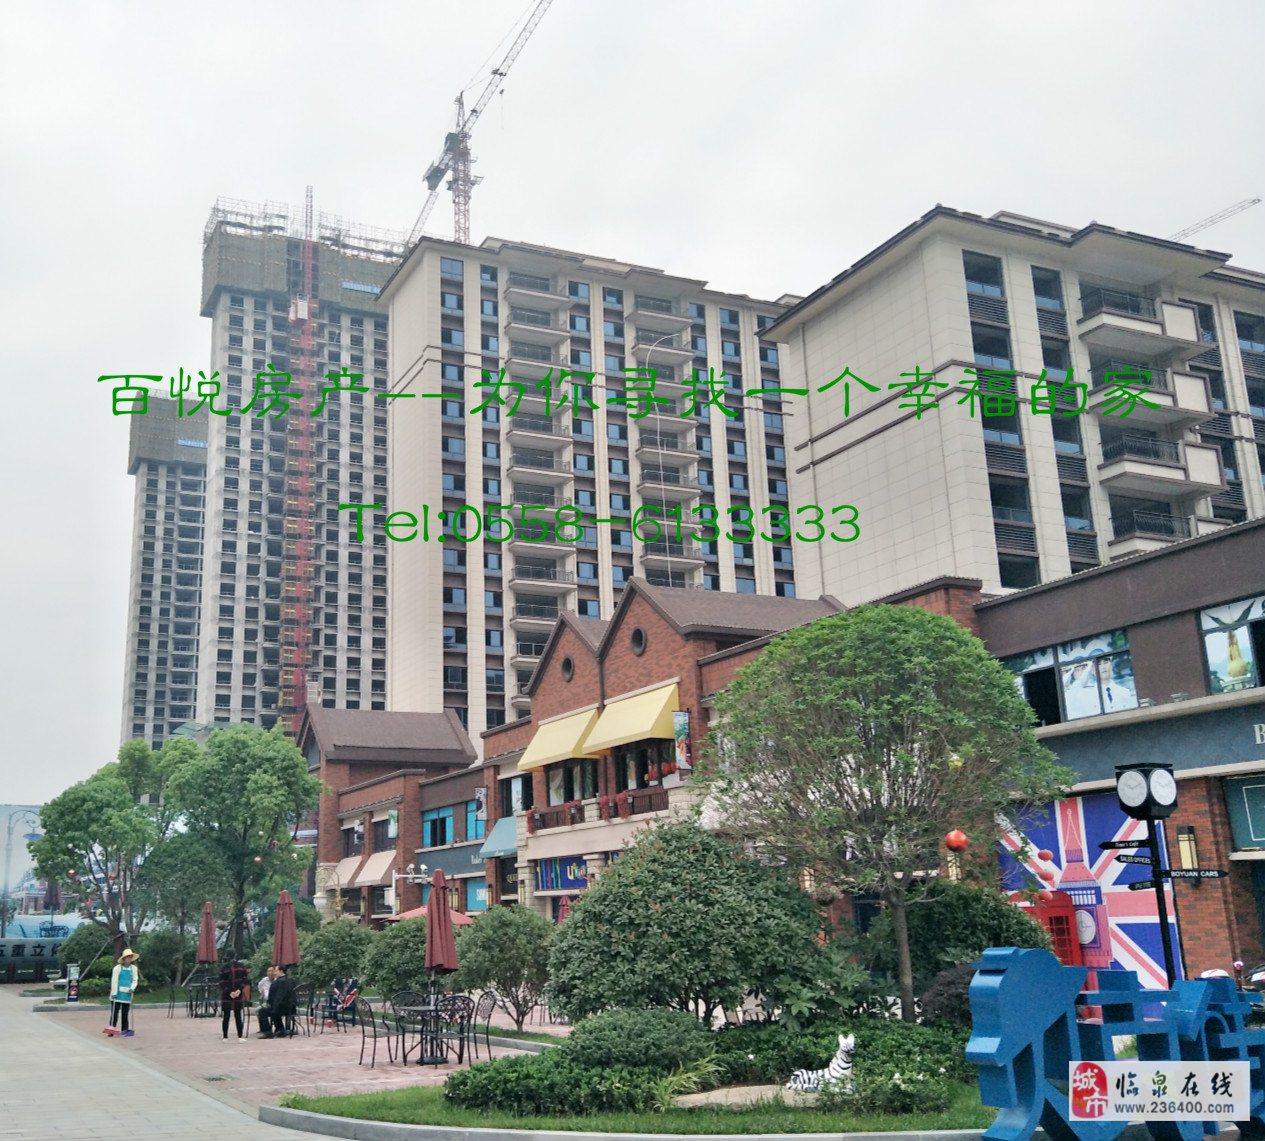 临泉碧桂园4室2厅2卫107万,视野好,看公园